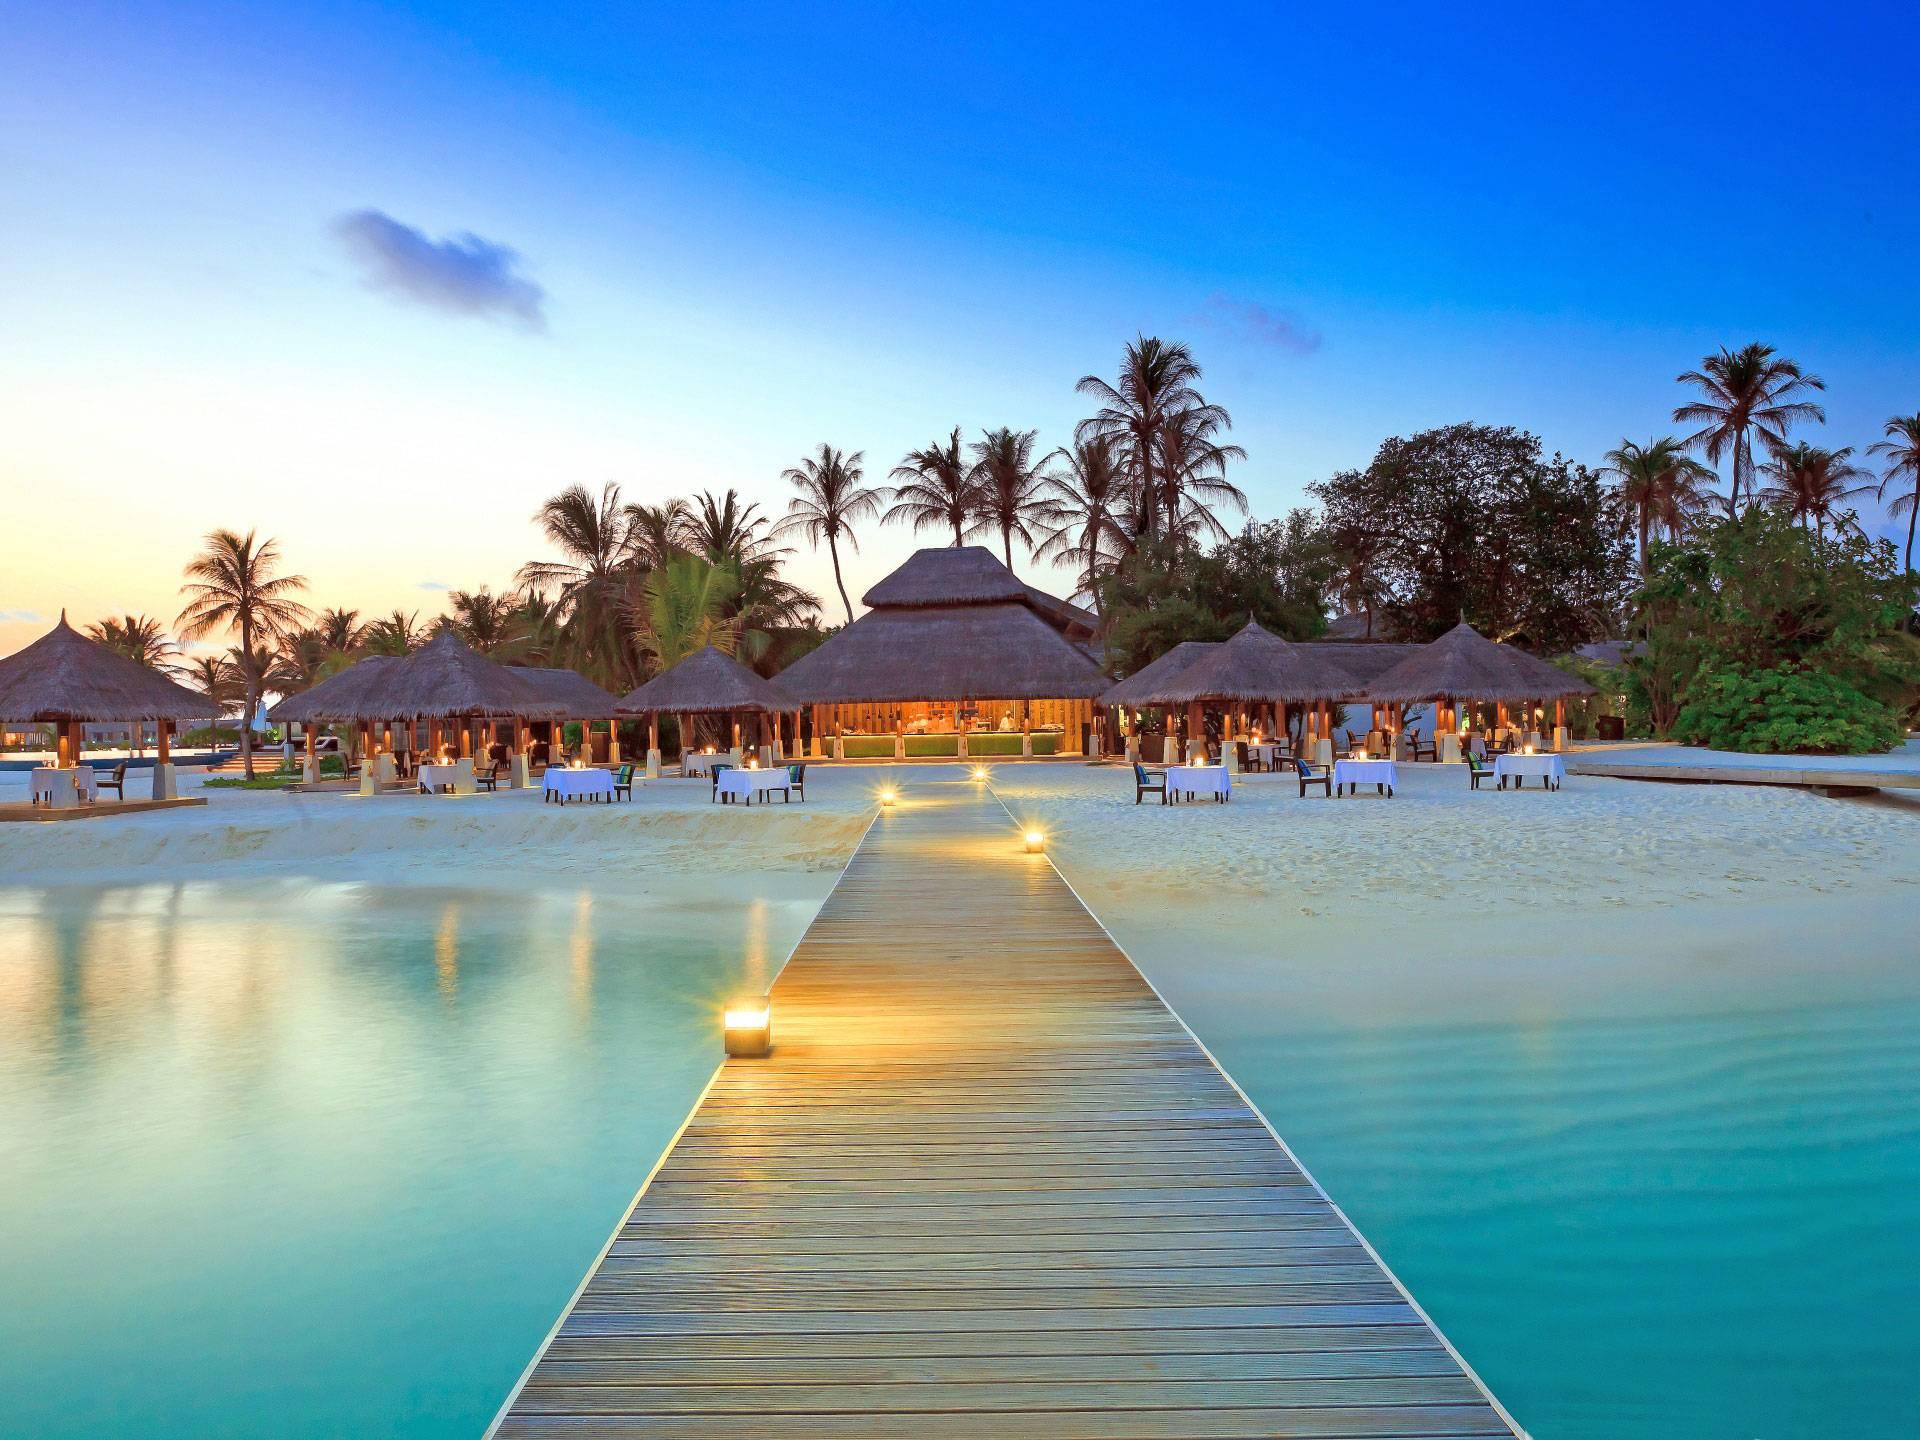 افضل الجزر لقضاء الشتاء في المالديف (1)